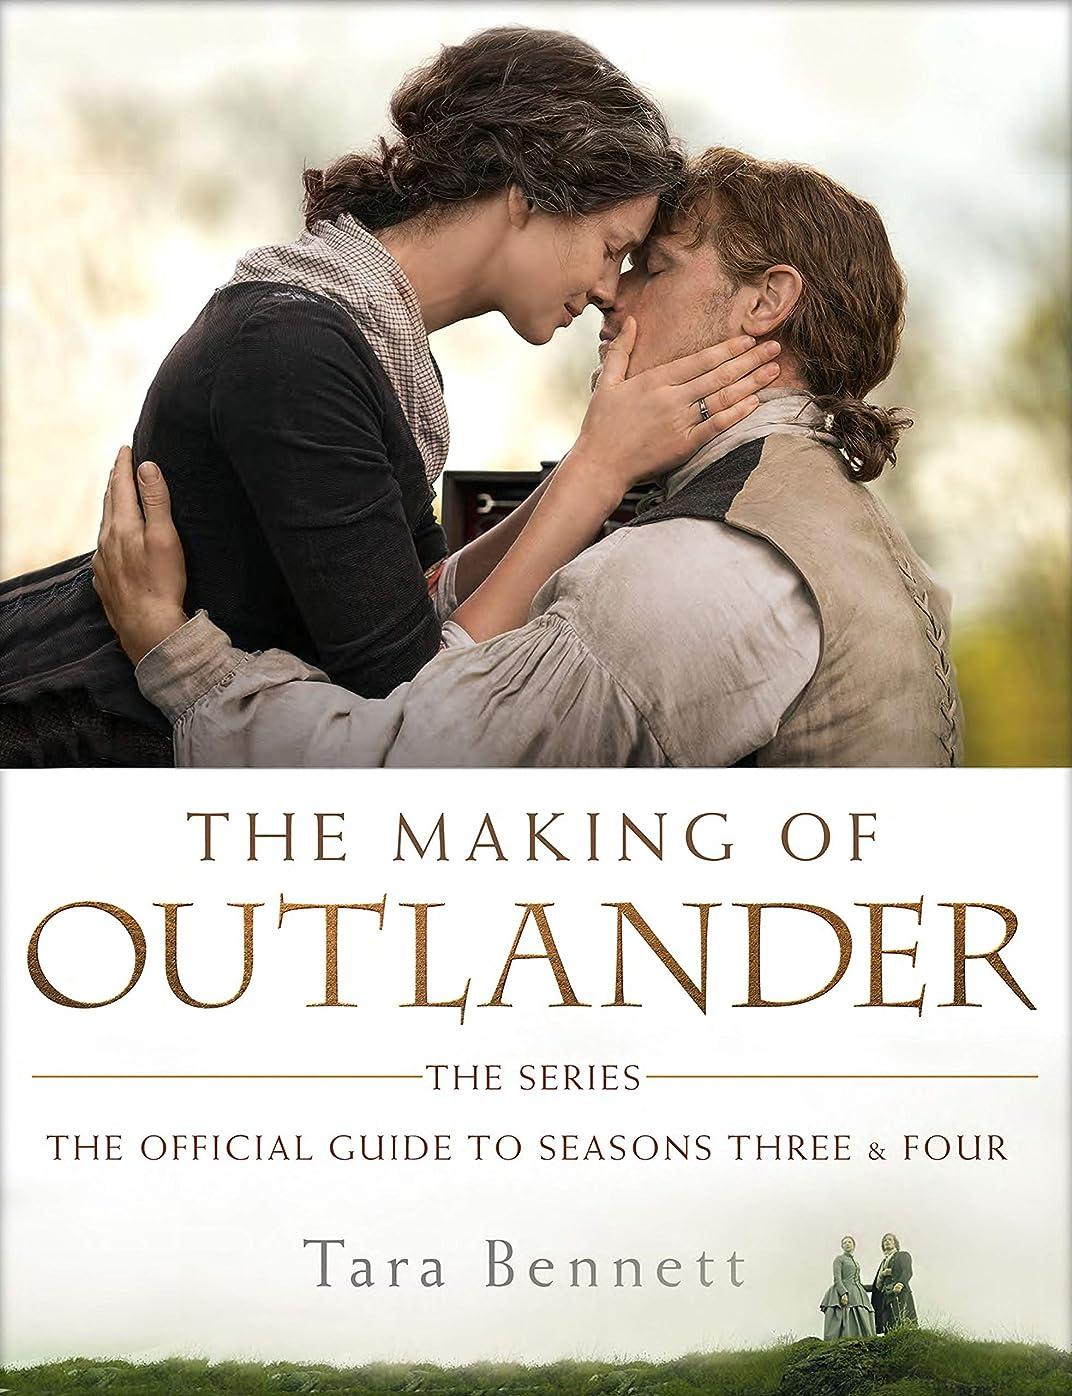 プーノ明確なモザイクThe Making of Outlander: The Series: The Official Guide to Seasons Three & Four (English Edition)